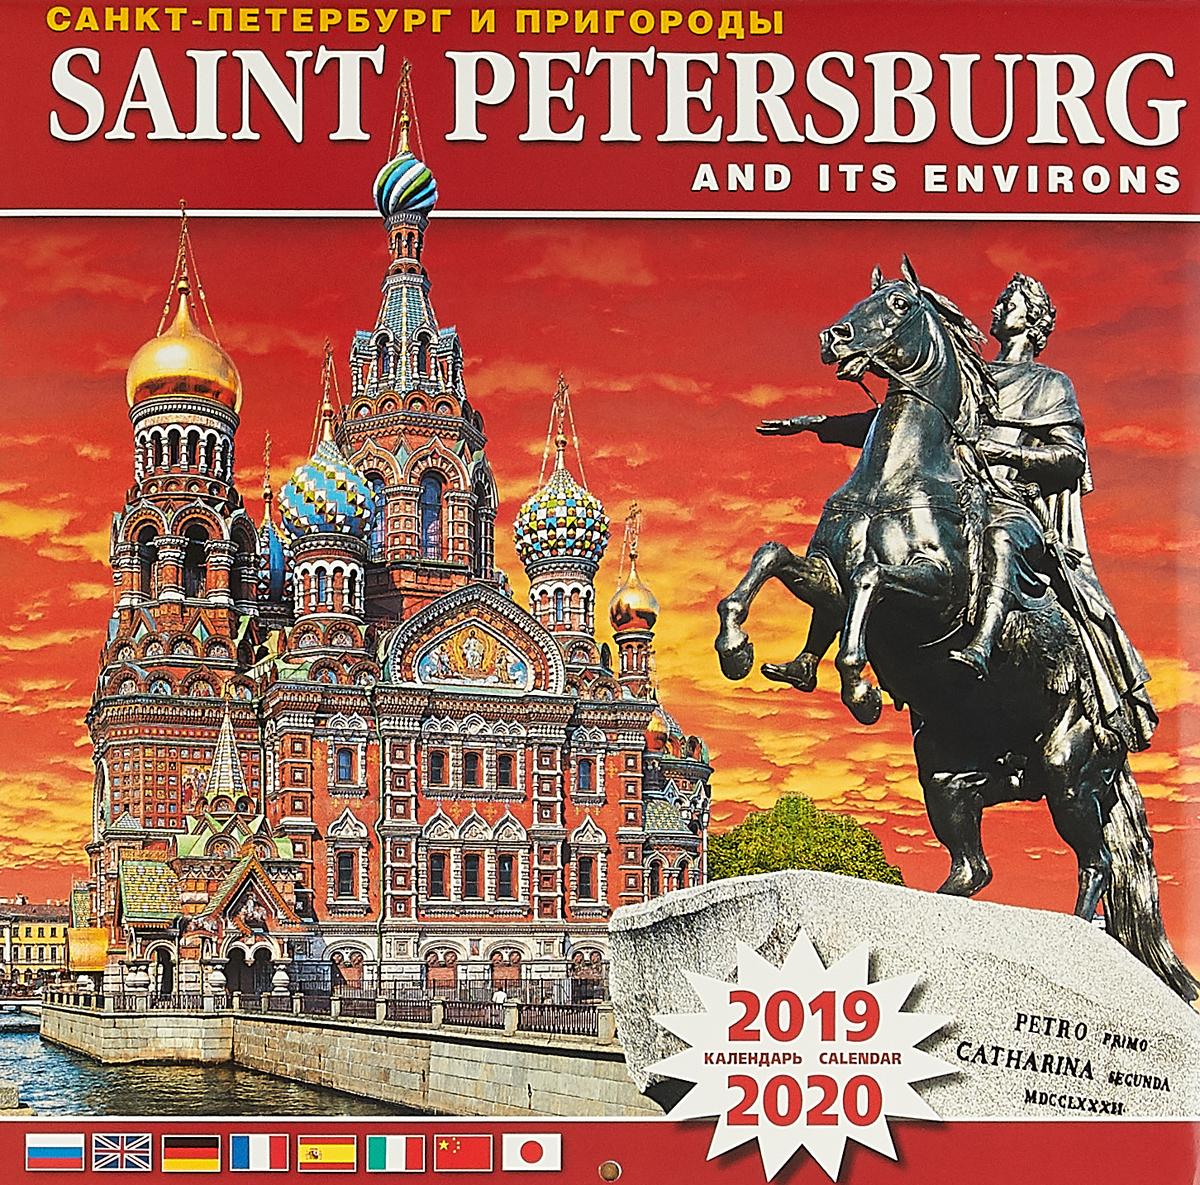 Календарь на скрепке на 2019-2020 год. Санкт-Петербург и пригороды 2. Лето календарь животных по годам